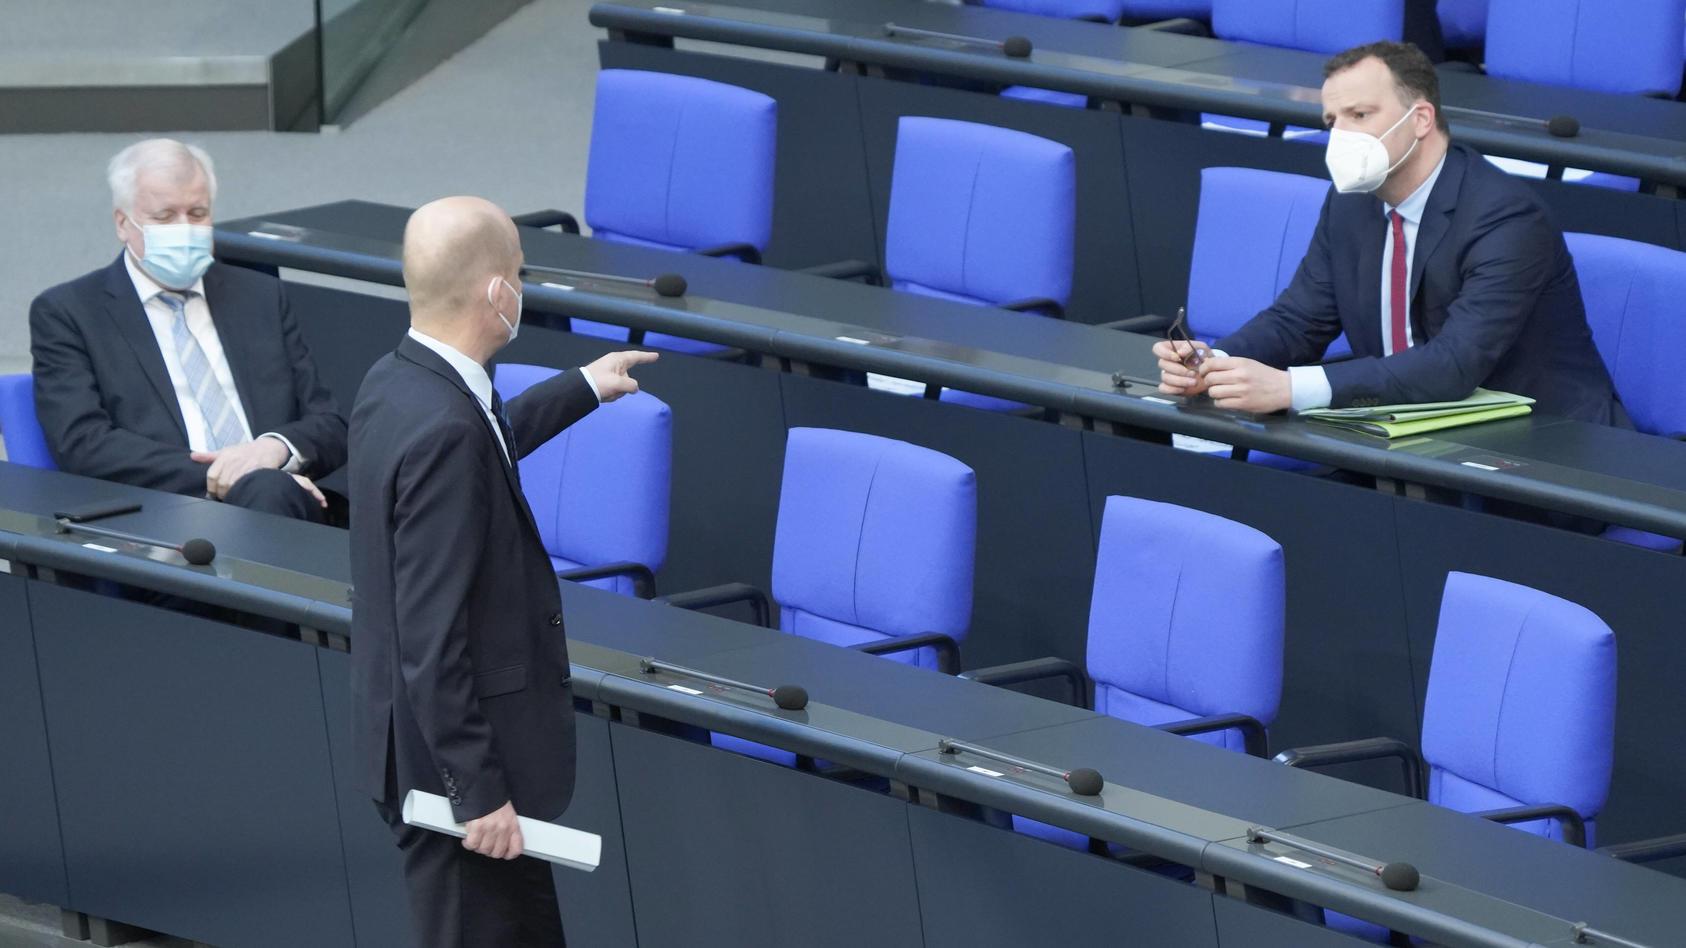 Die geplante Corona-Notbremse hat im Bundestag zu einem heftigen Schlagabtausch geführt.